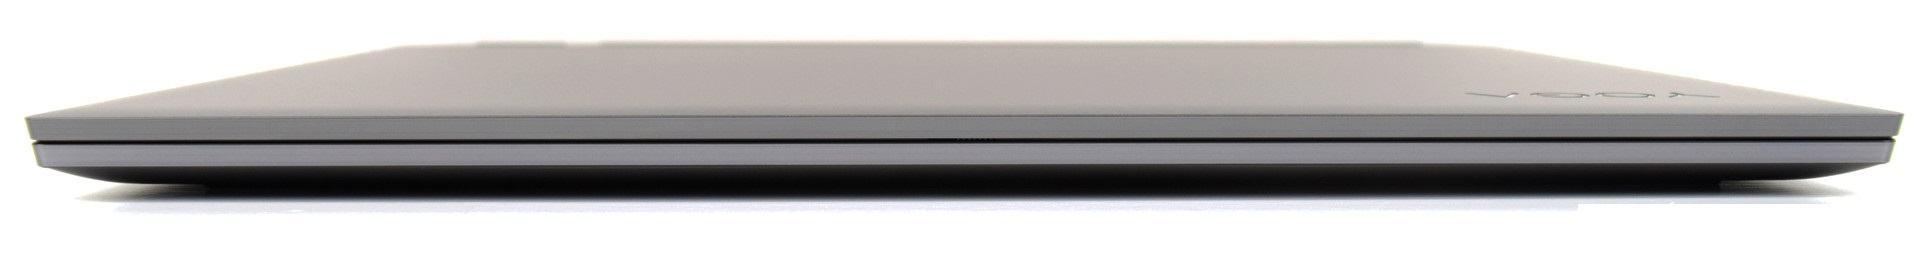 review Lenovo Yoga C930